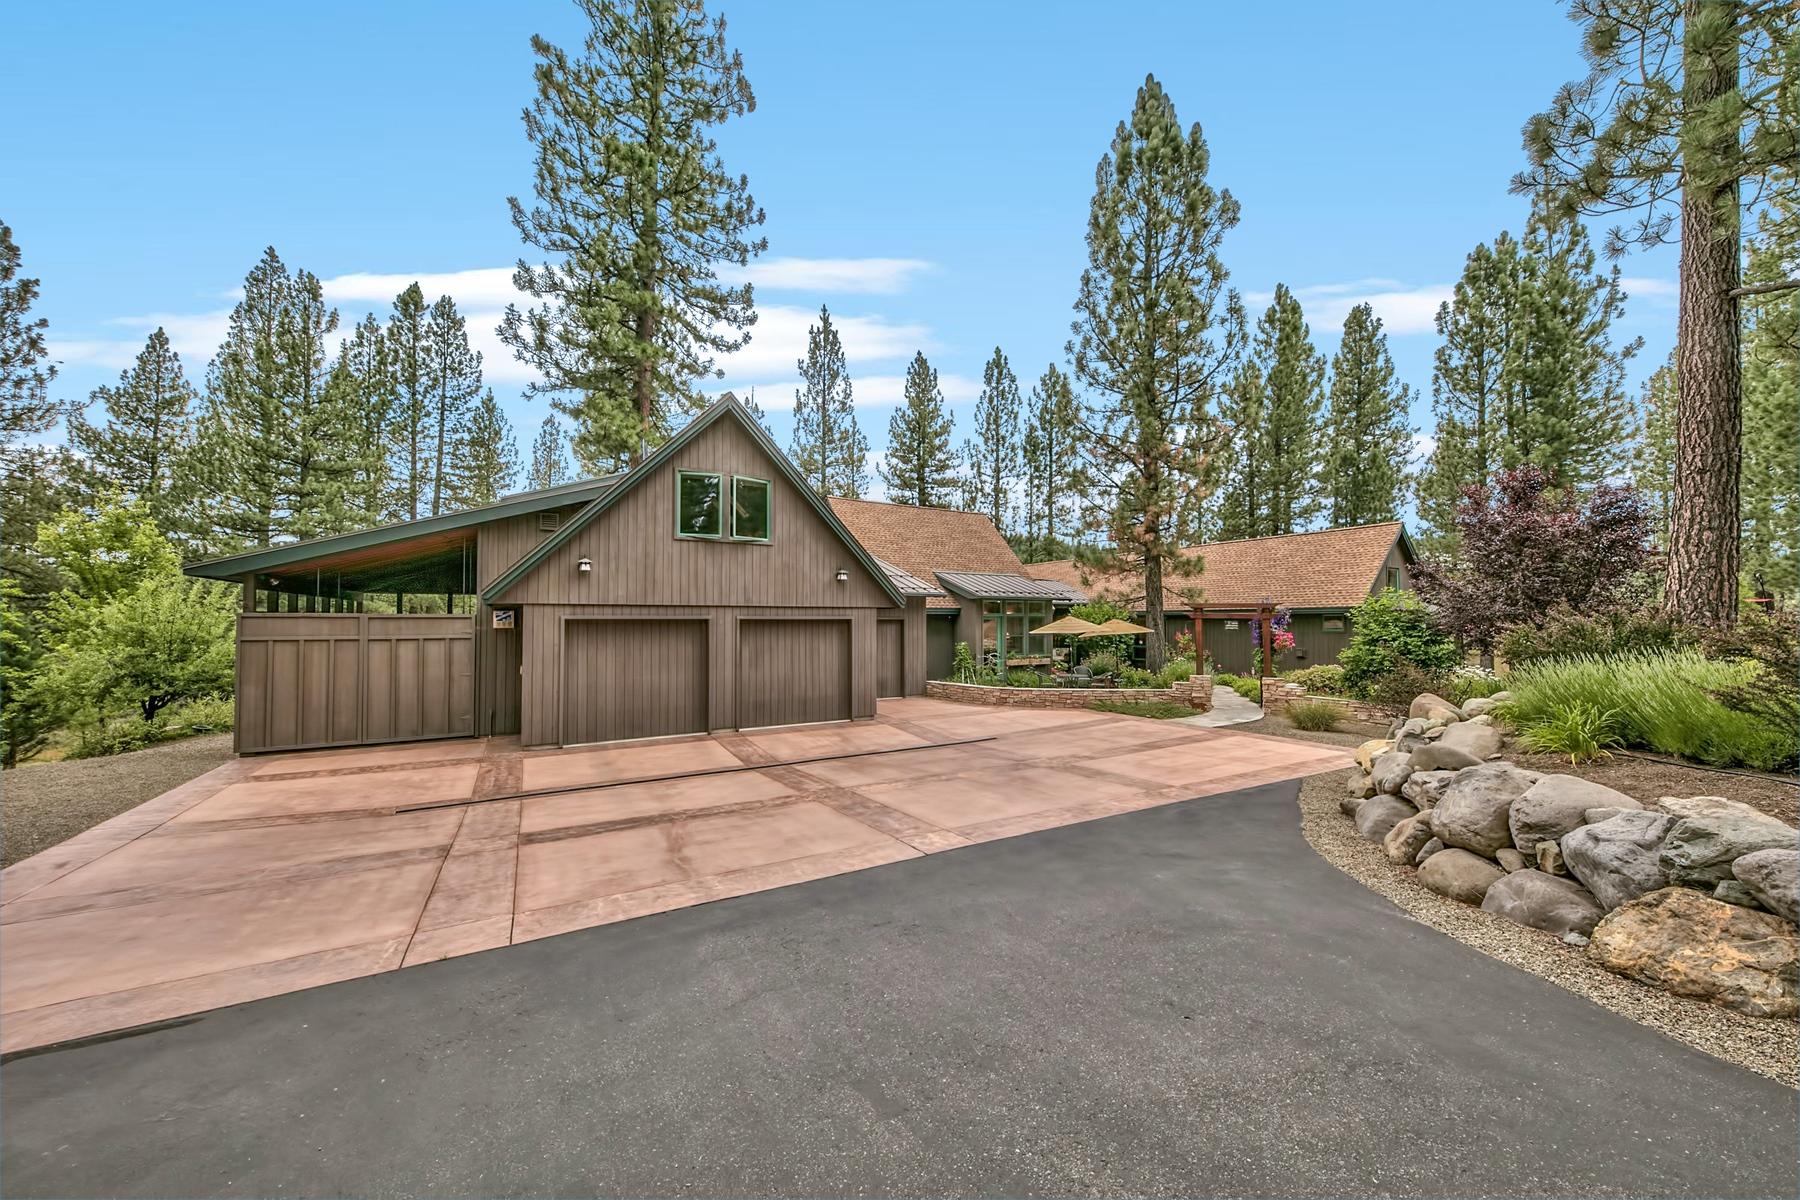 独户住宅 为 销售 在 1091 Valley Ranch Drive, Clio, CA 1091 Valley Ranch Drive Clio, 加利福尼亚州 96106 美国